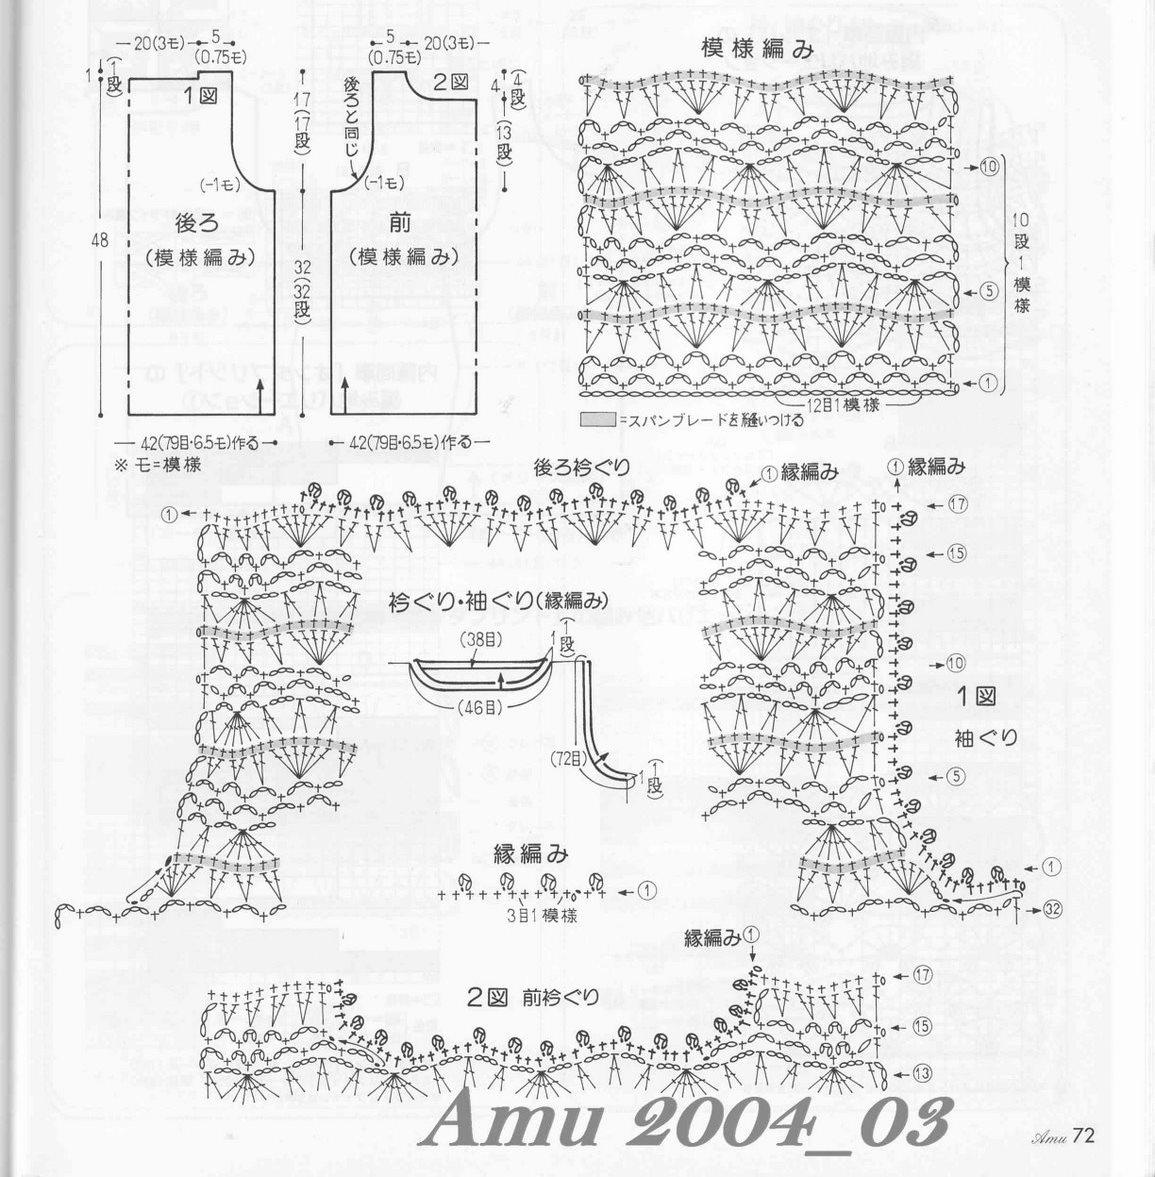 0914_Amu 2004 03 (30)